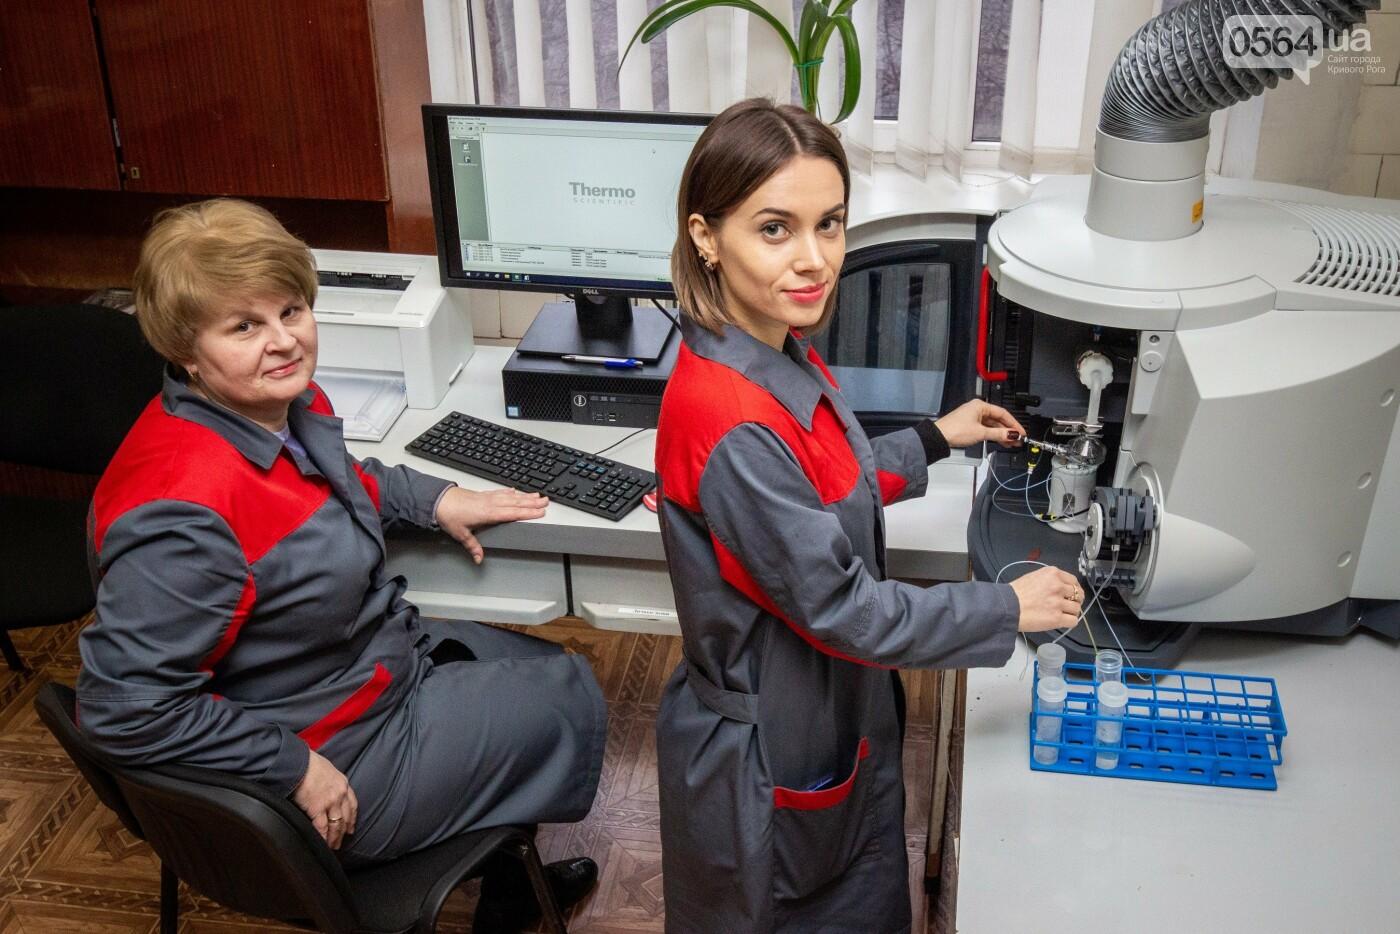 Центр карьеры Метинвест помогает найти работу на промышленных предприятиях Кривого Рога, фото-1